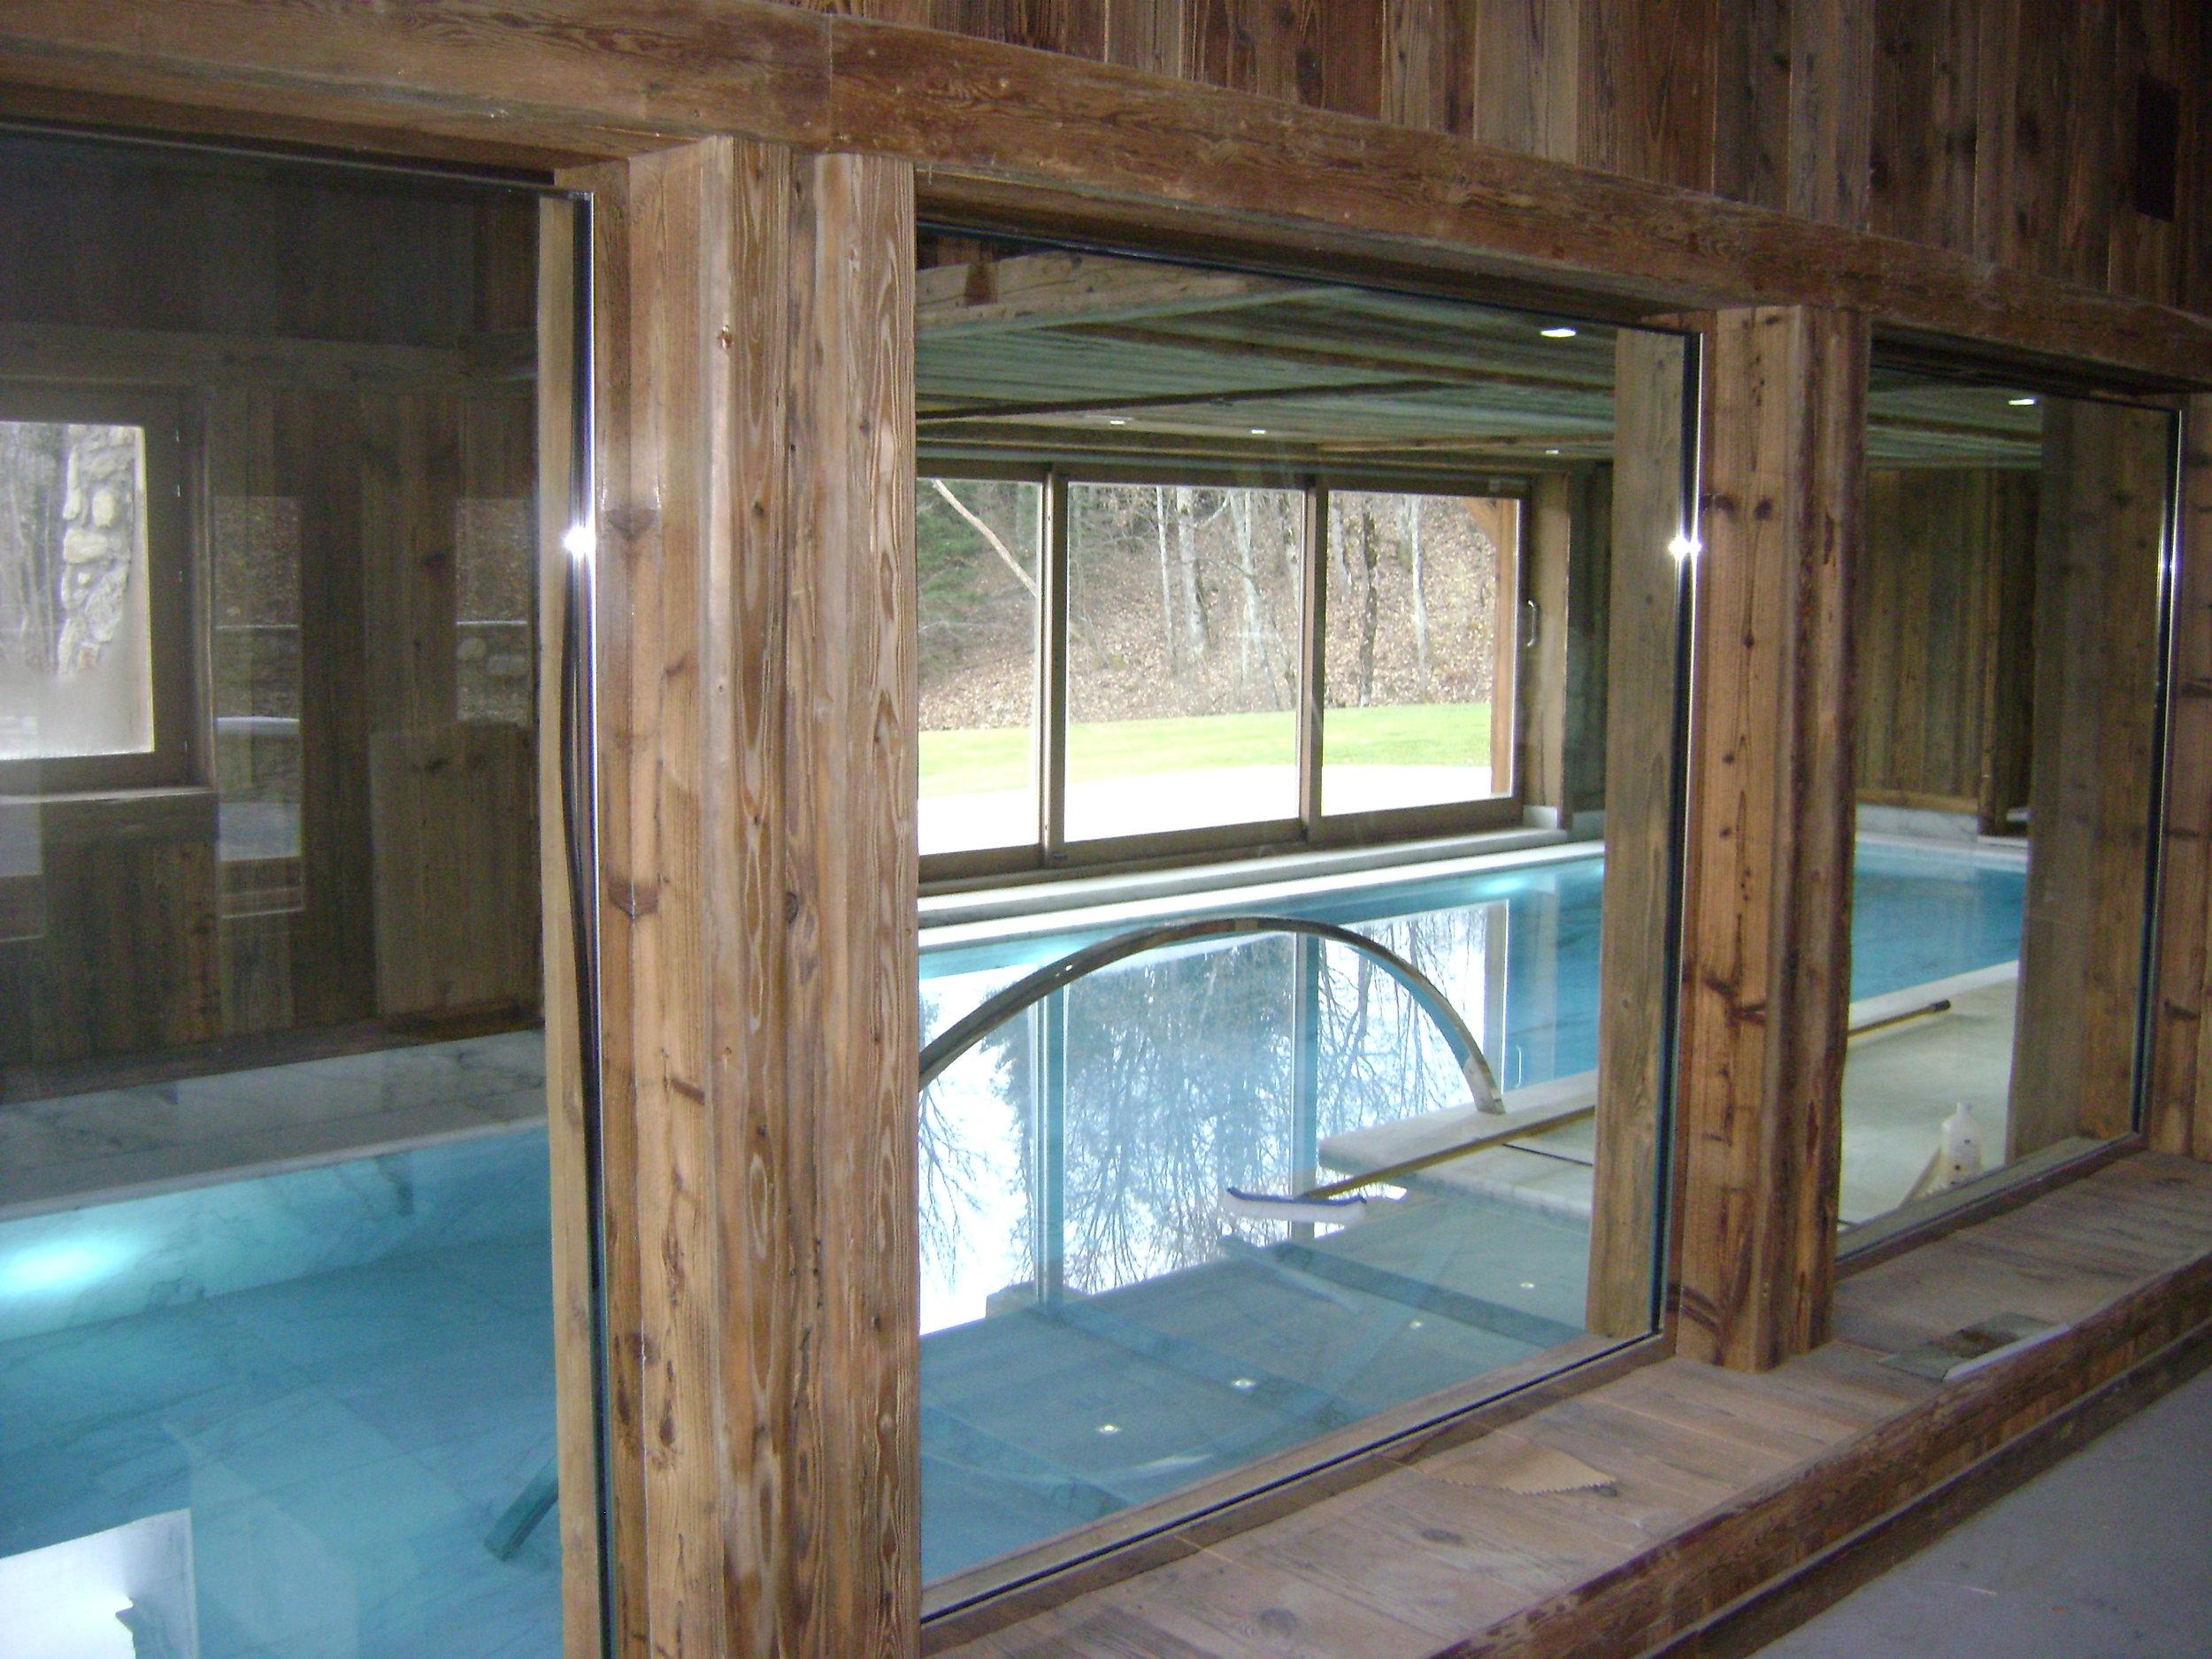 Habillage vieux bois Espace piscine.JPG